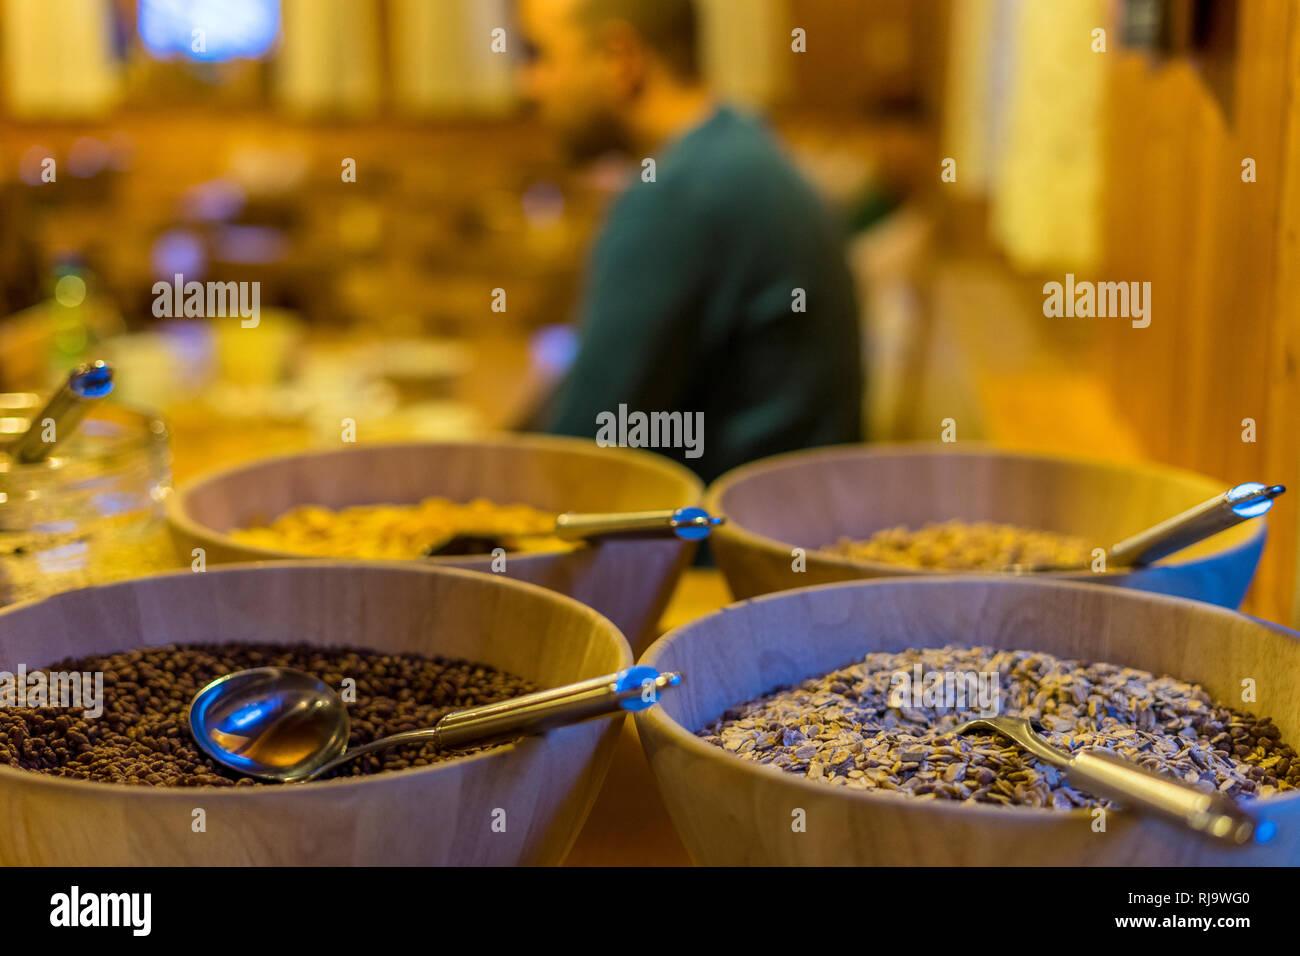 Österreich, Tirol, Stubaier Alpen, Gries im Sulztal, Frühstücksbüffet auf der Amberger Hütte mit Müsli und Gast im Hintergrund - Stock Image